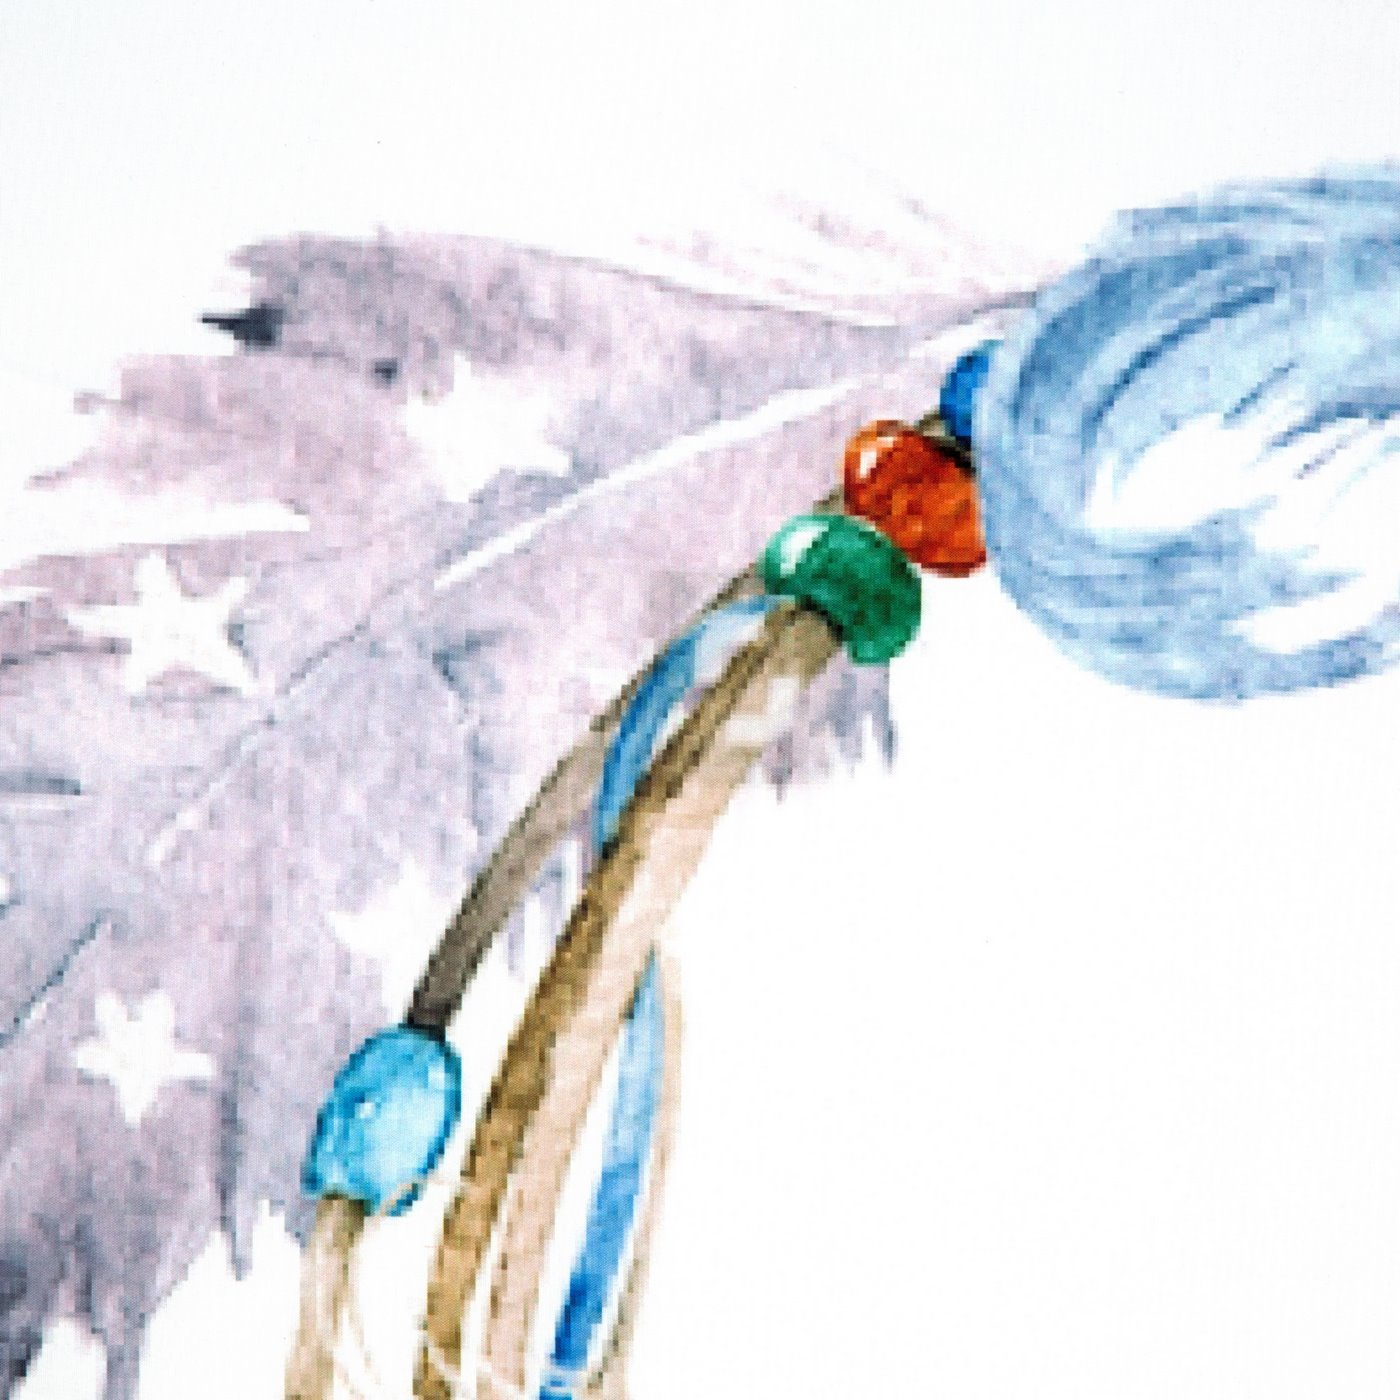 Komplet pościeli z MIKROFIBRY 160 x 200 cm, 2 szt. 70 x 80 cm, nadruk kolorowe pióra